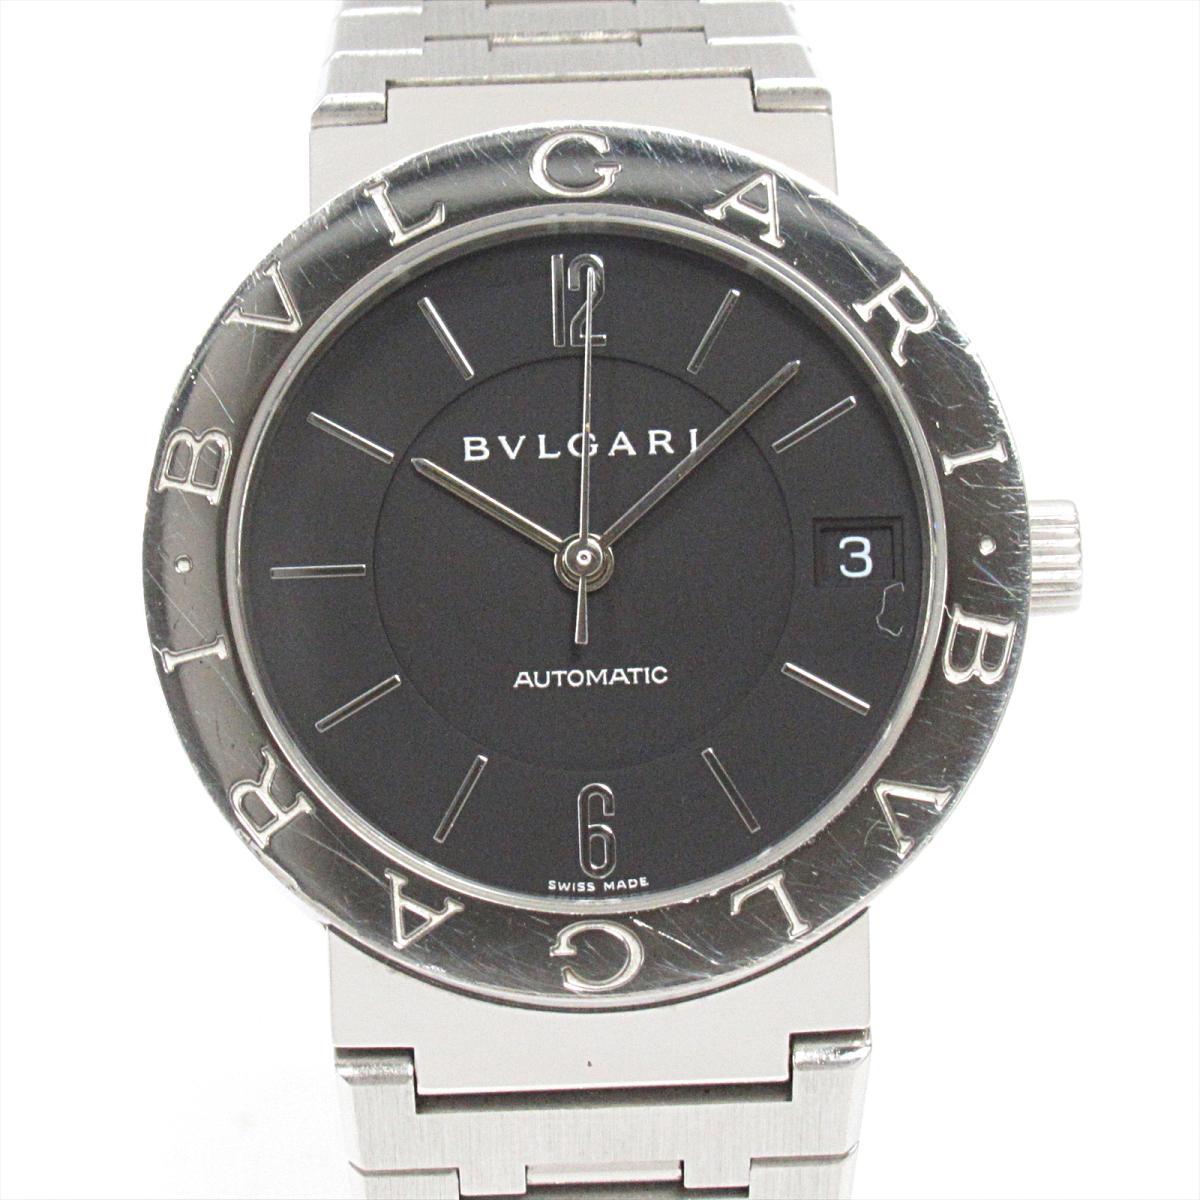 【中古】 ブルガリ ブルガリブルガリ 腕時計 ウォッチ メンズ レディース ステンレススチール (SS) (BB33SS) | BVLGARI BRANDOFF ブランドオフ ブランド ブランド時計 ブランド腕時計 時計